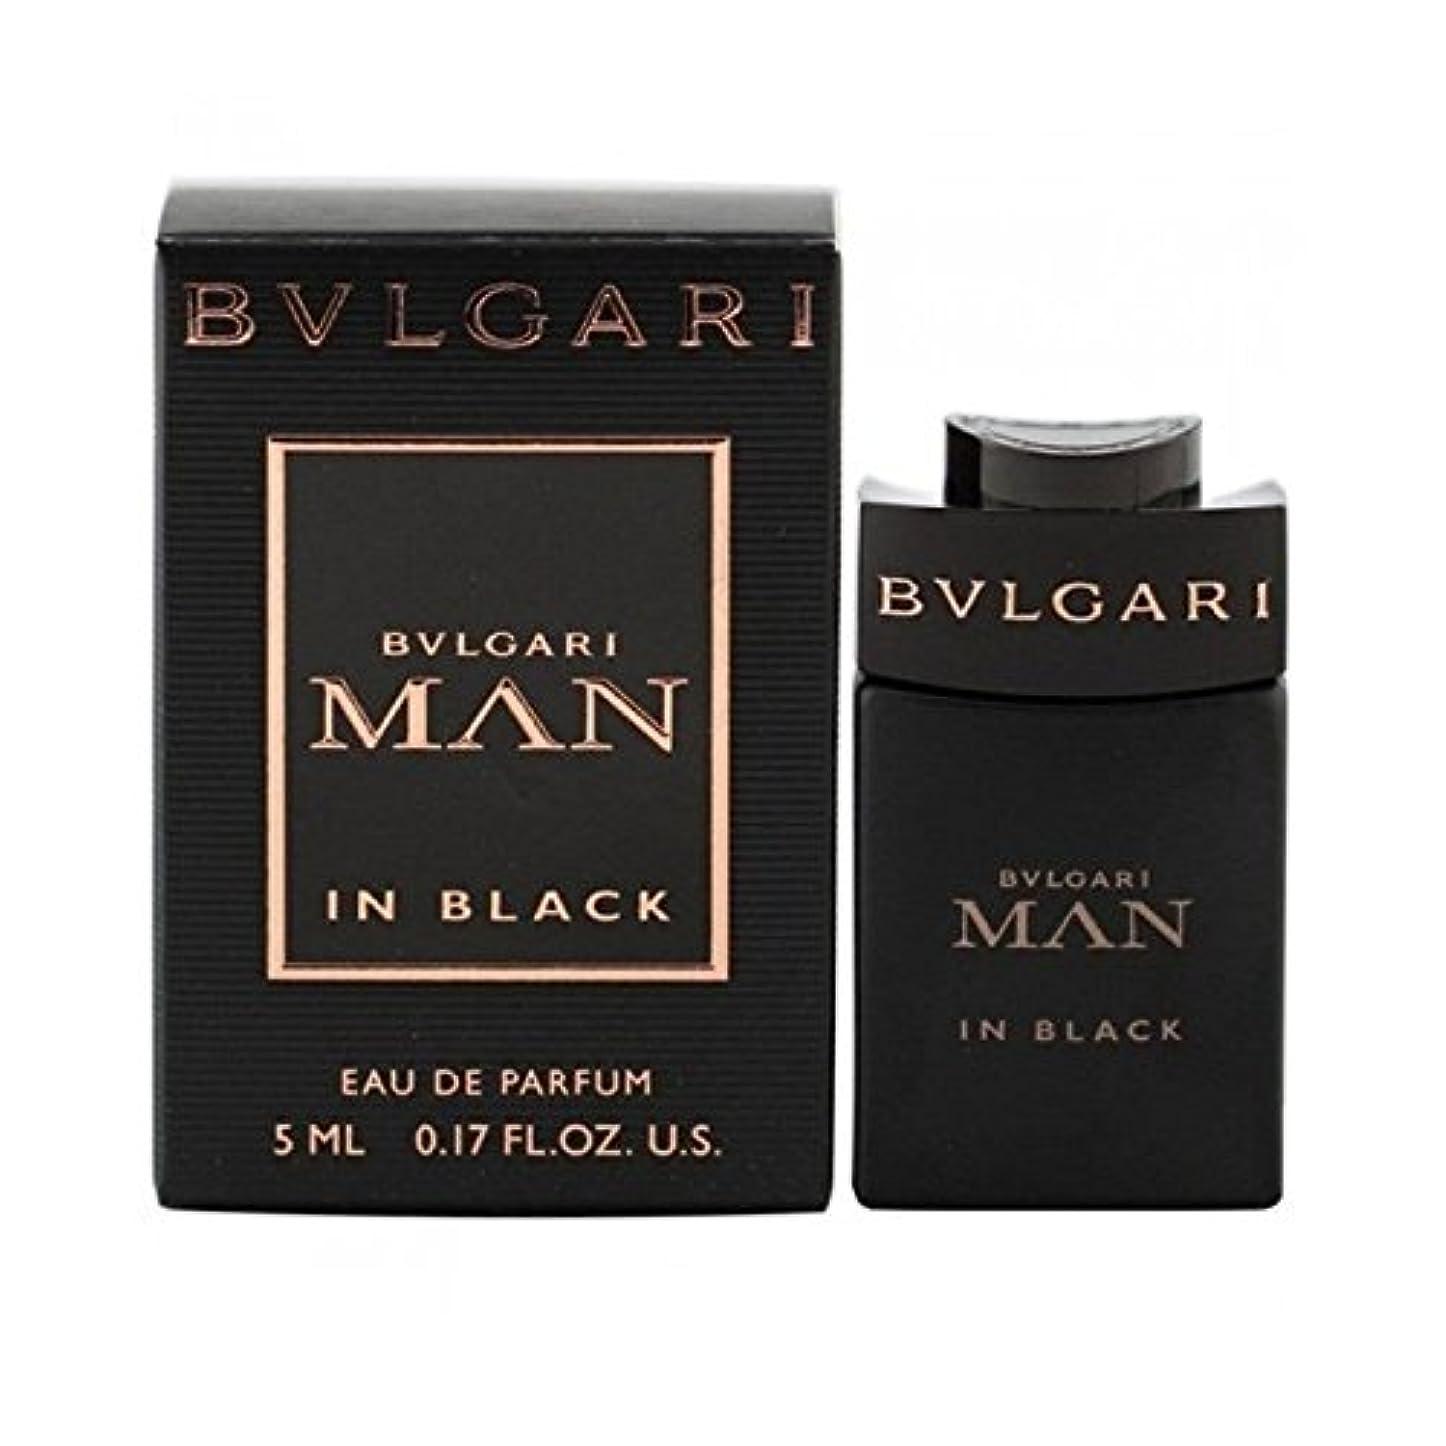 運営ピルファー誓約BVLGARI ミニチュア香水 ブルガリ マン イン ブラック オーデパルファム 5ml EDP [並行輸入品]